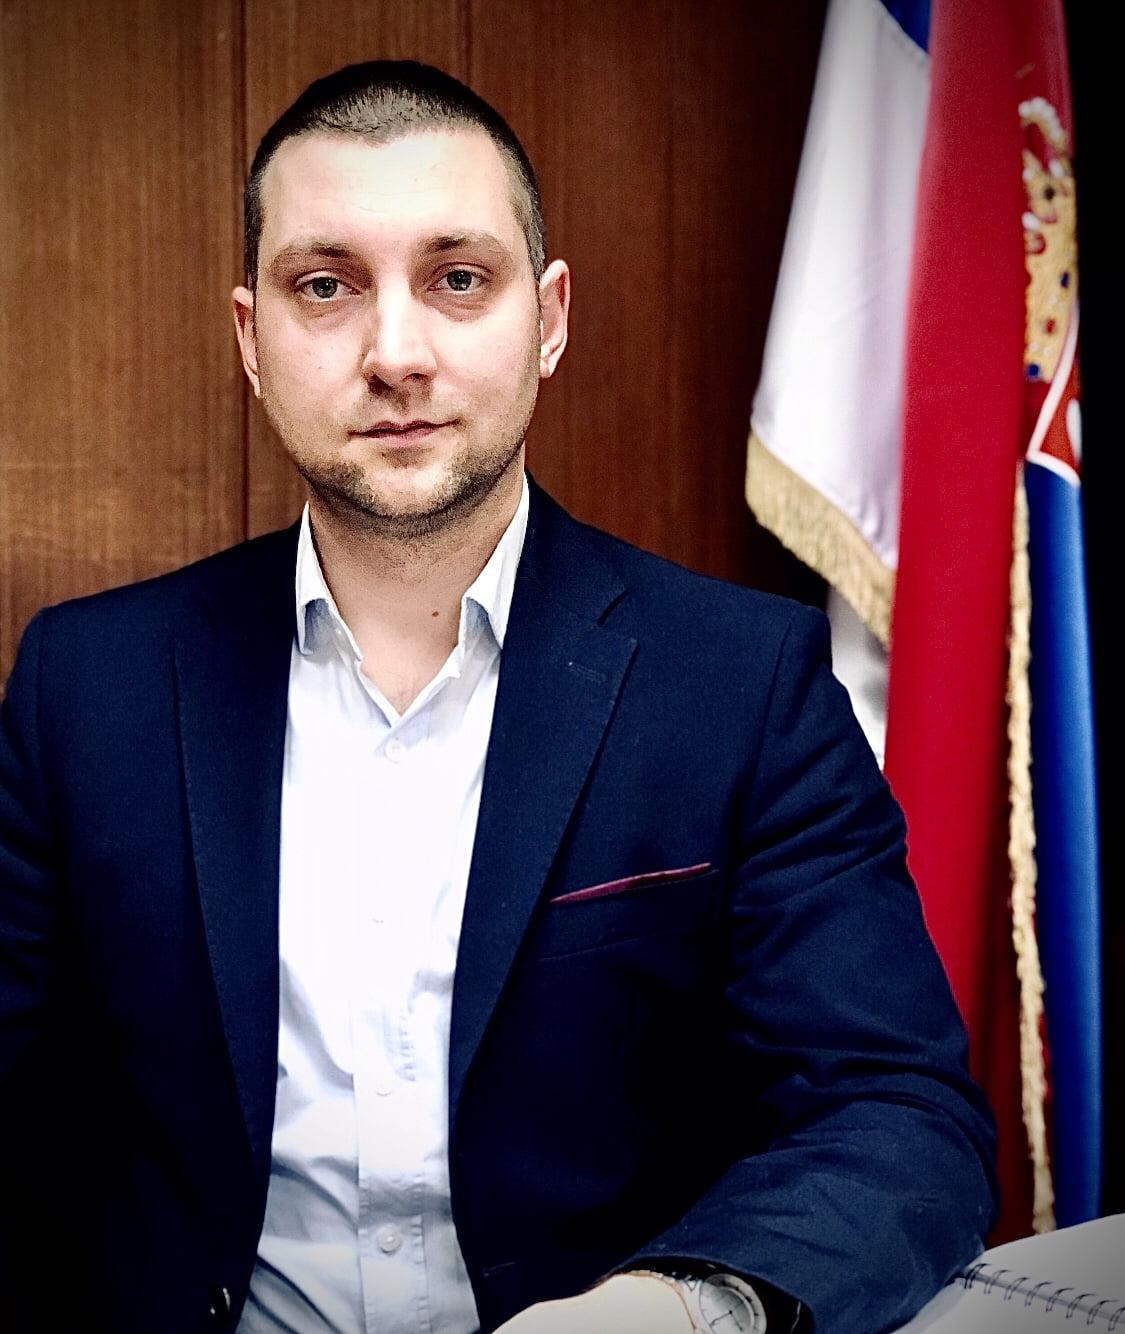 Predsednik opštine Miroslav Marković, foto: Radio Bubamara Svrljig